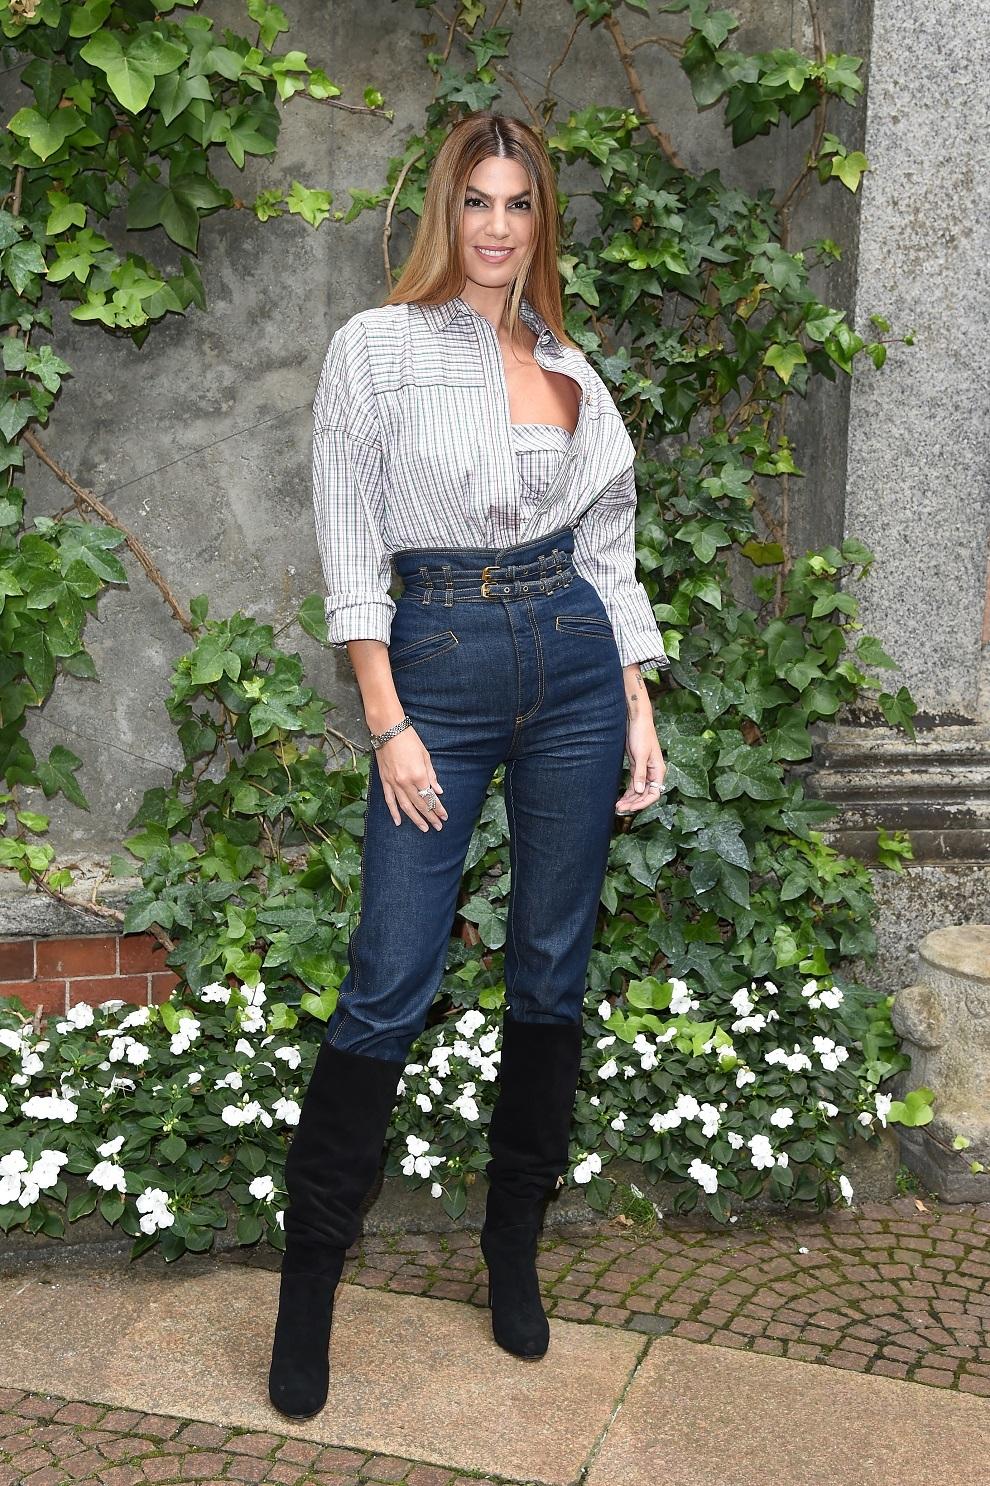 Bianca con sus copiados looks de street style.